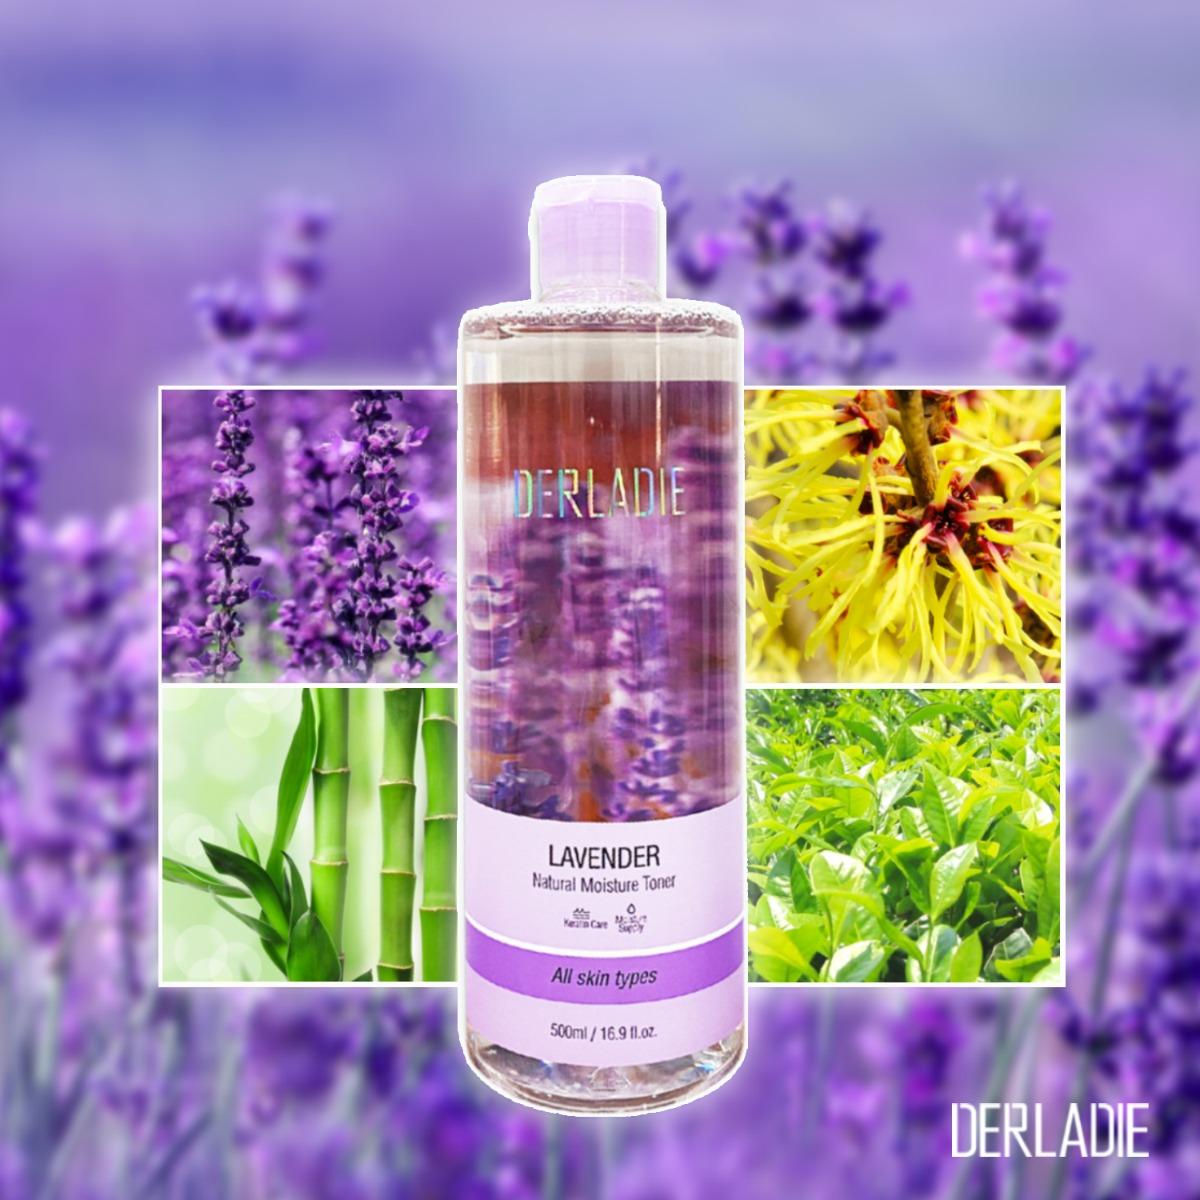 Nước Hoa Hồng Derladie Lavender Natural Moisture Toner được chiết xuất từ các thành phần thiên nhiên an toàn và lành tính cho da